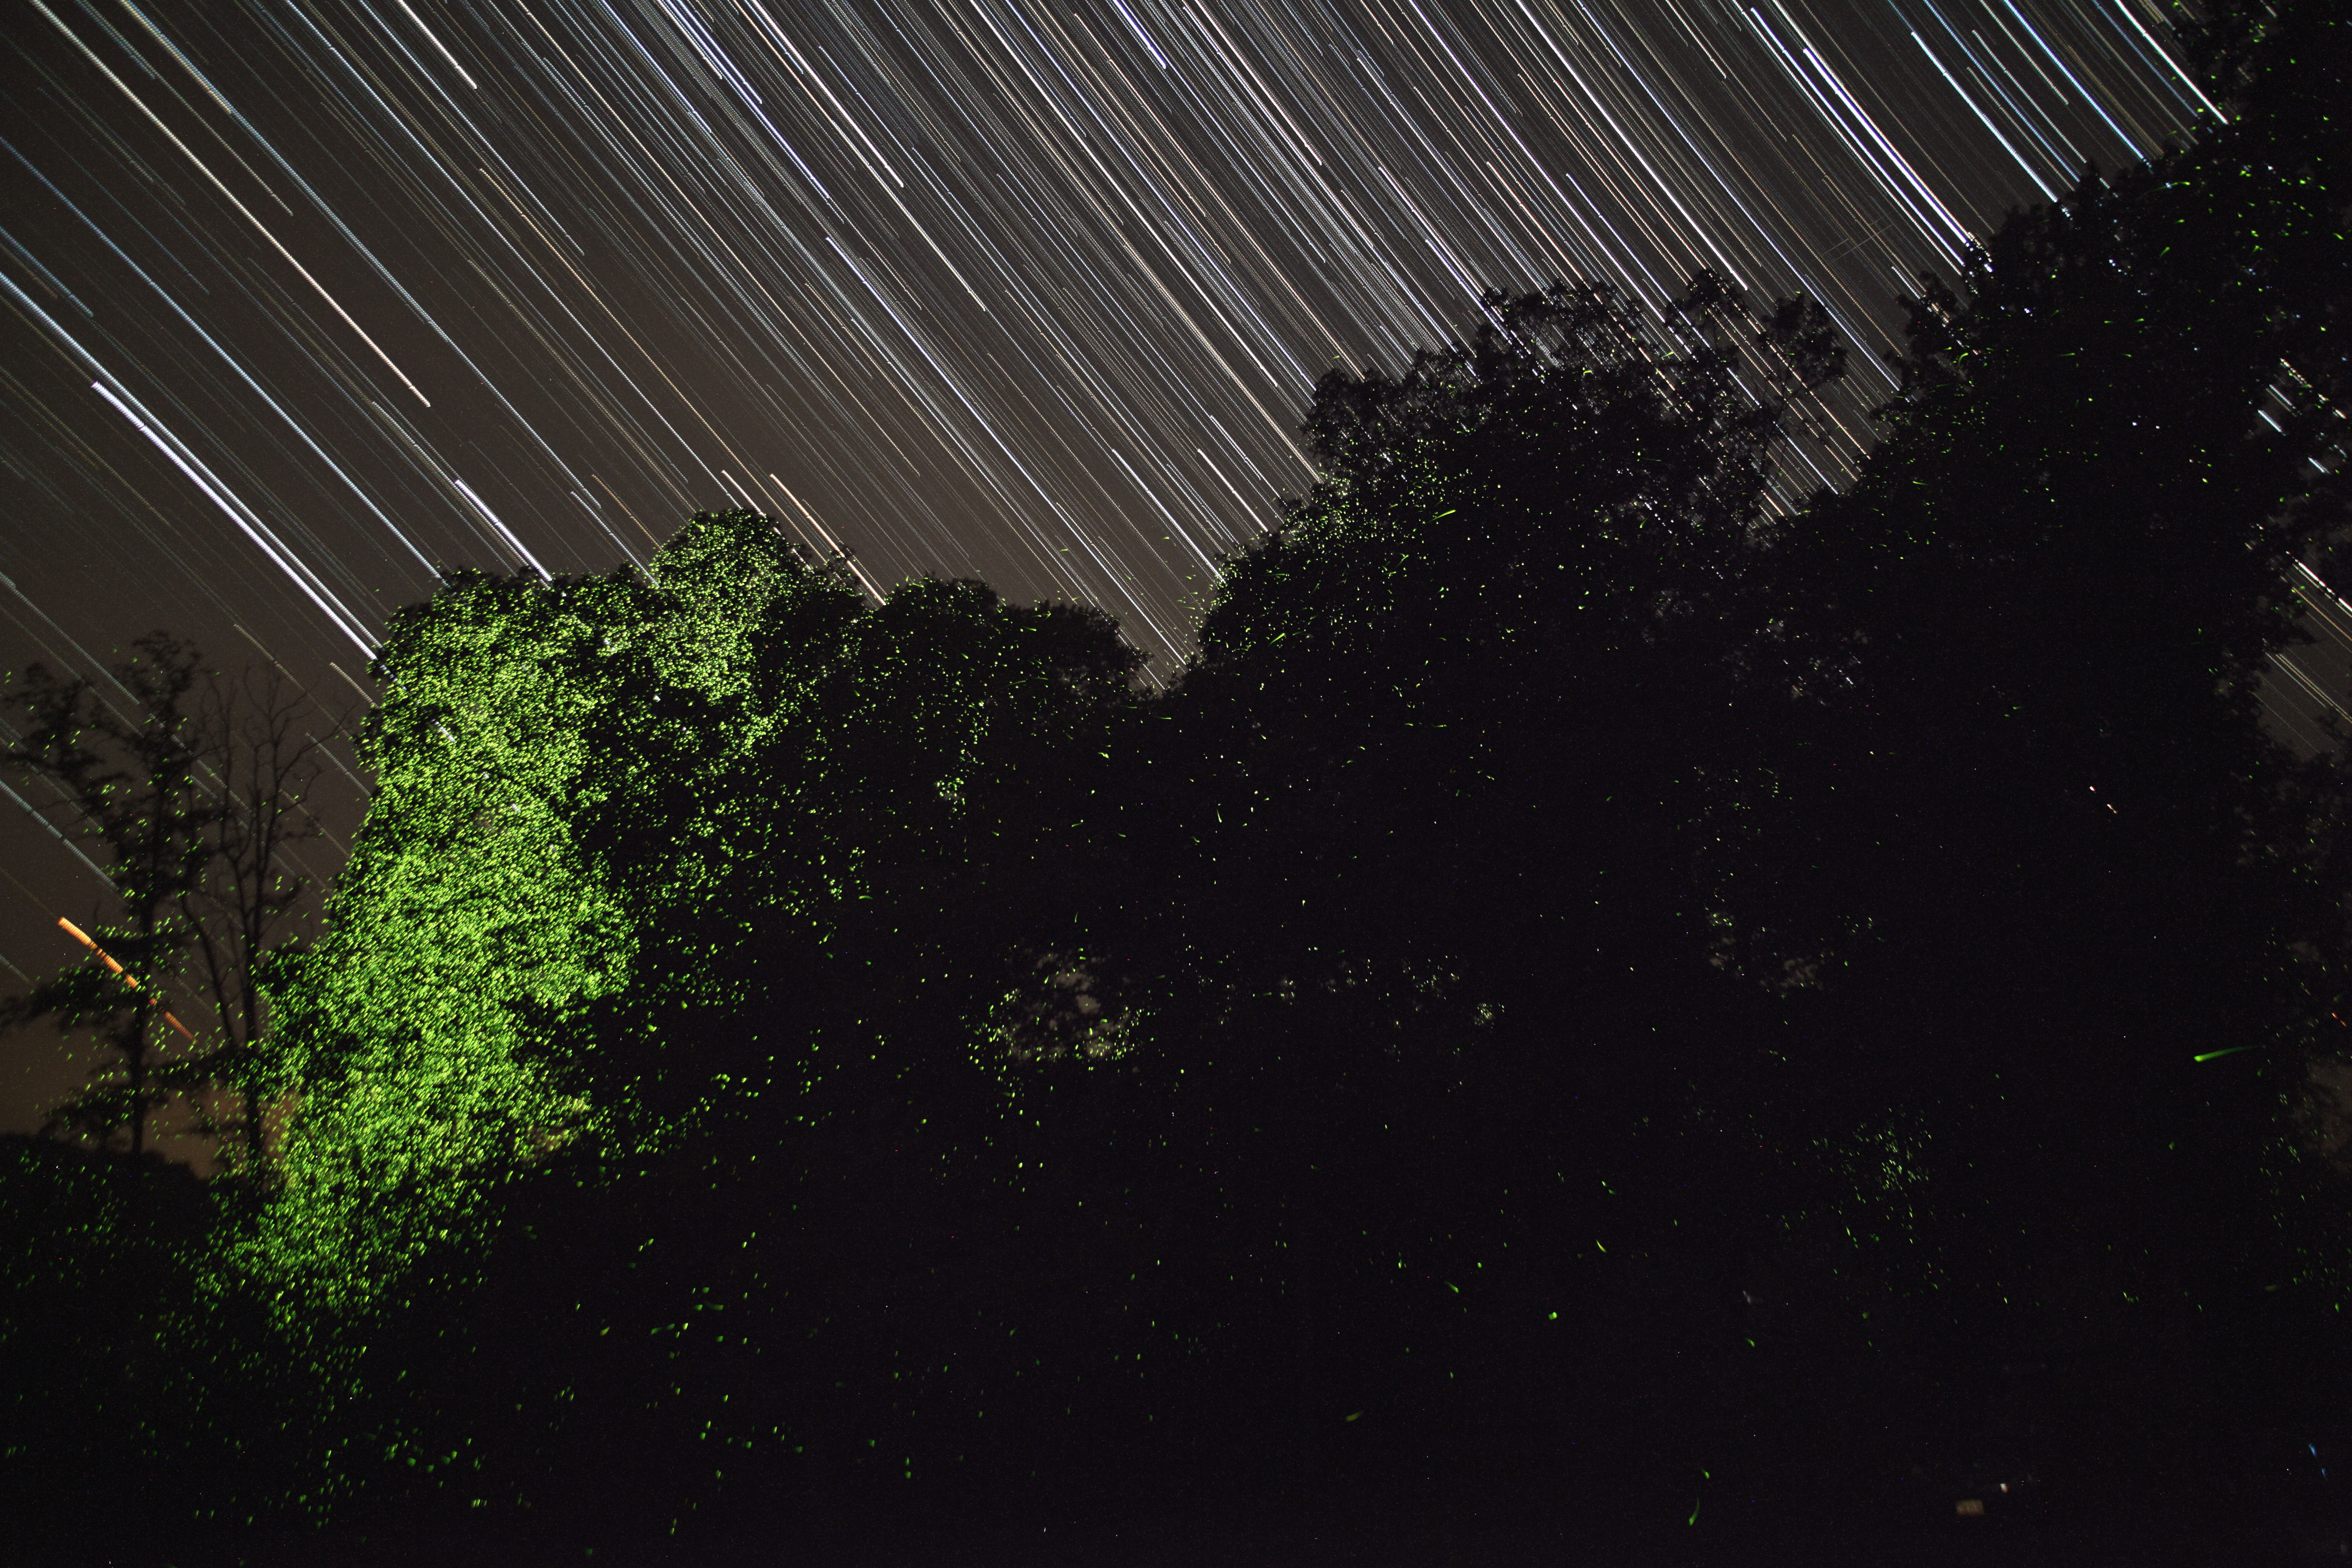 Stars & Fireflies